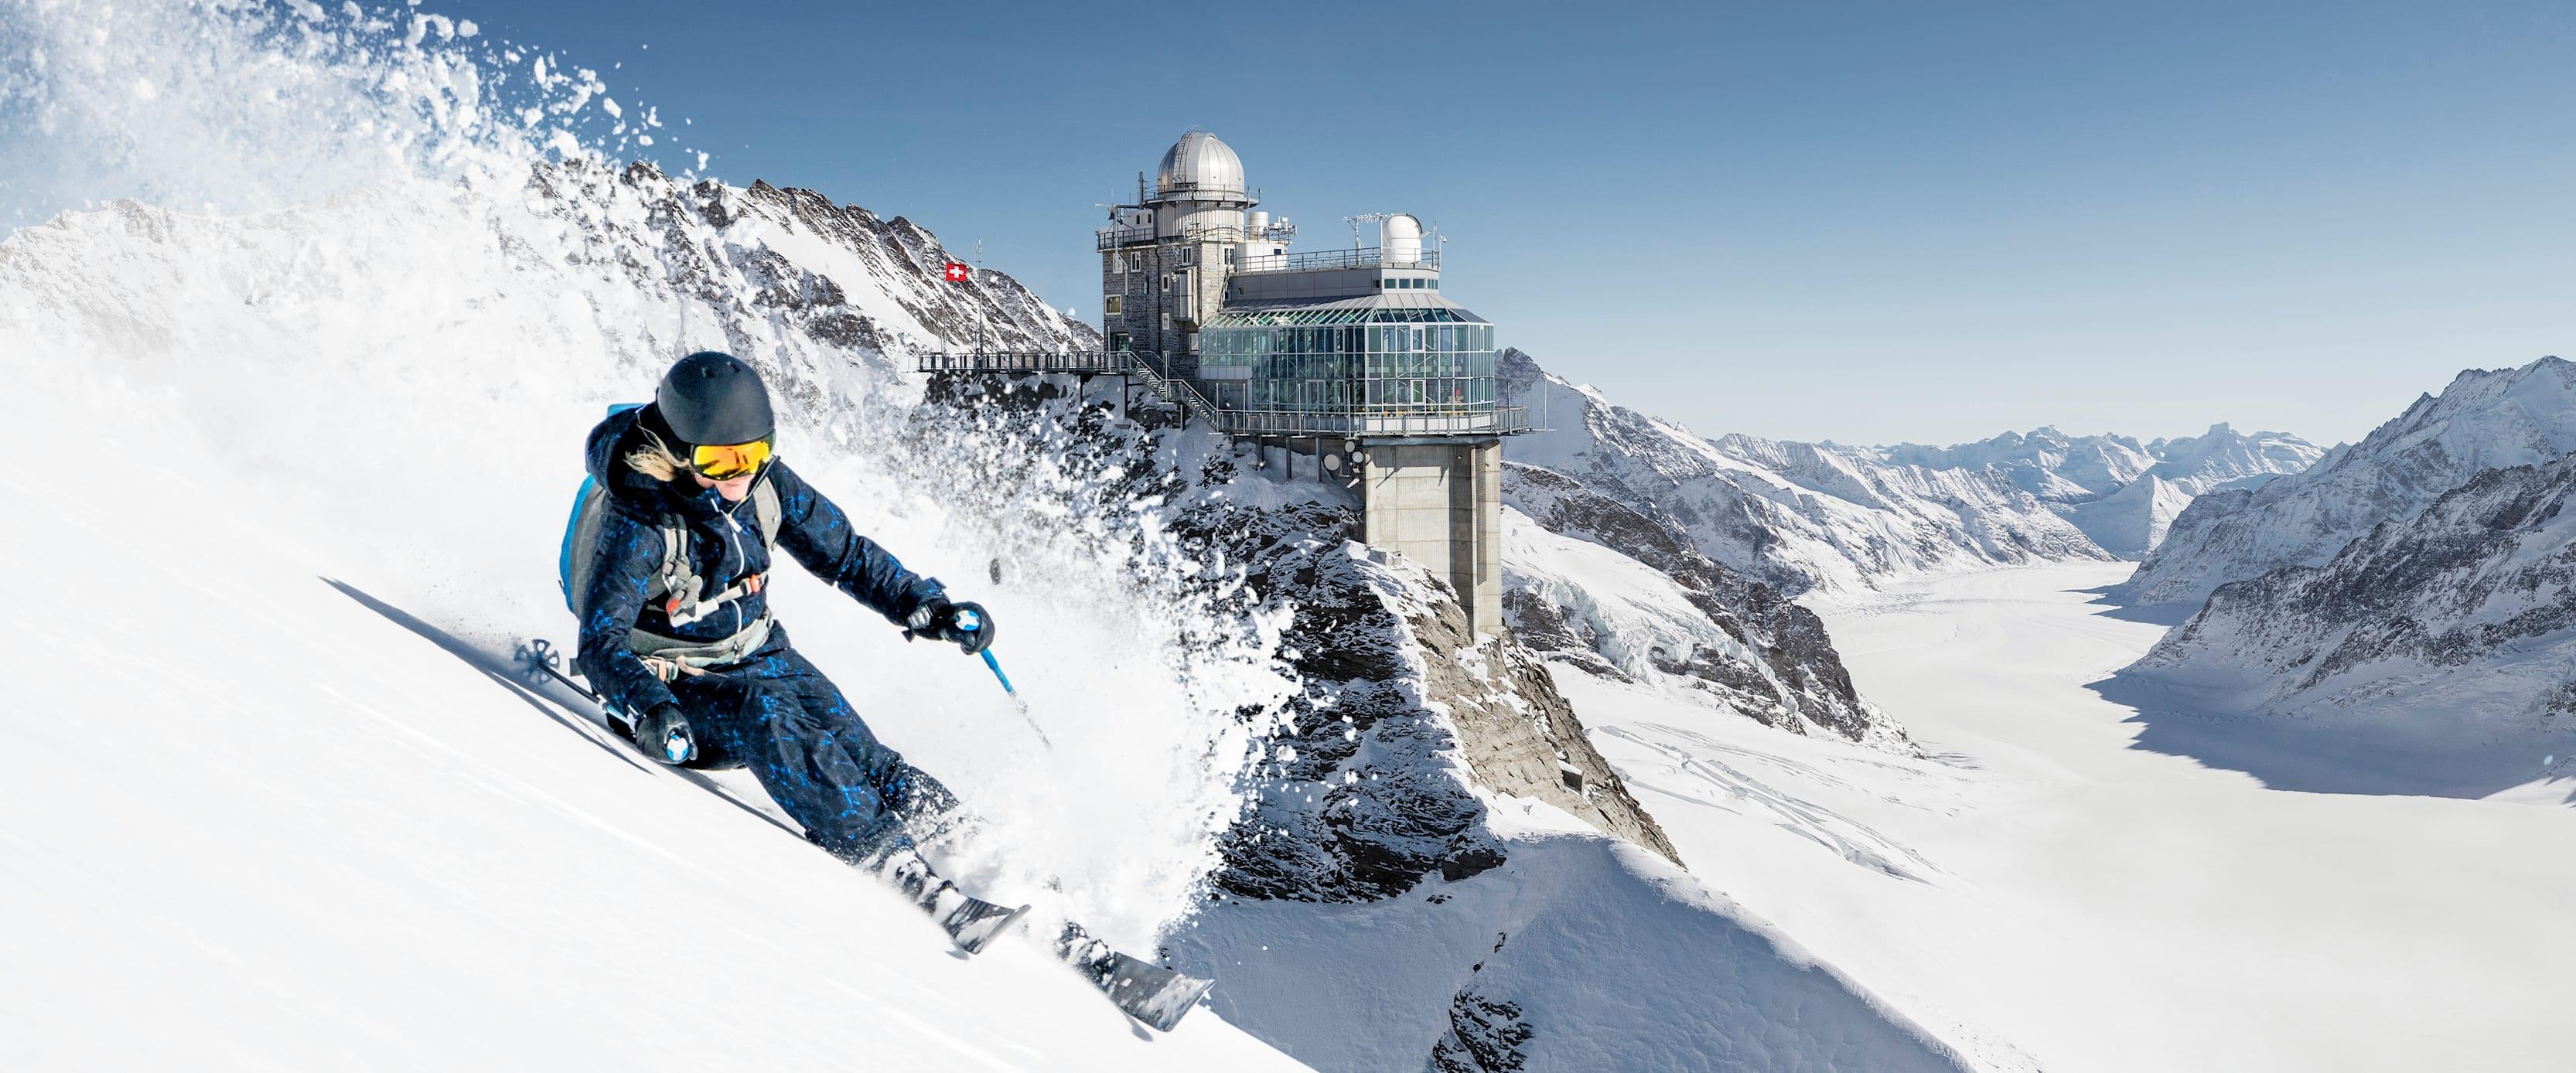 Jungfraujoch– Top of Europe ski pass